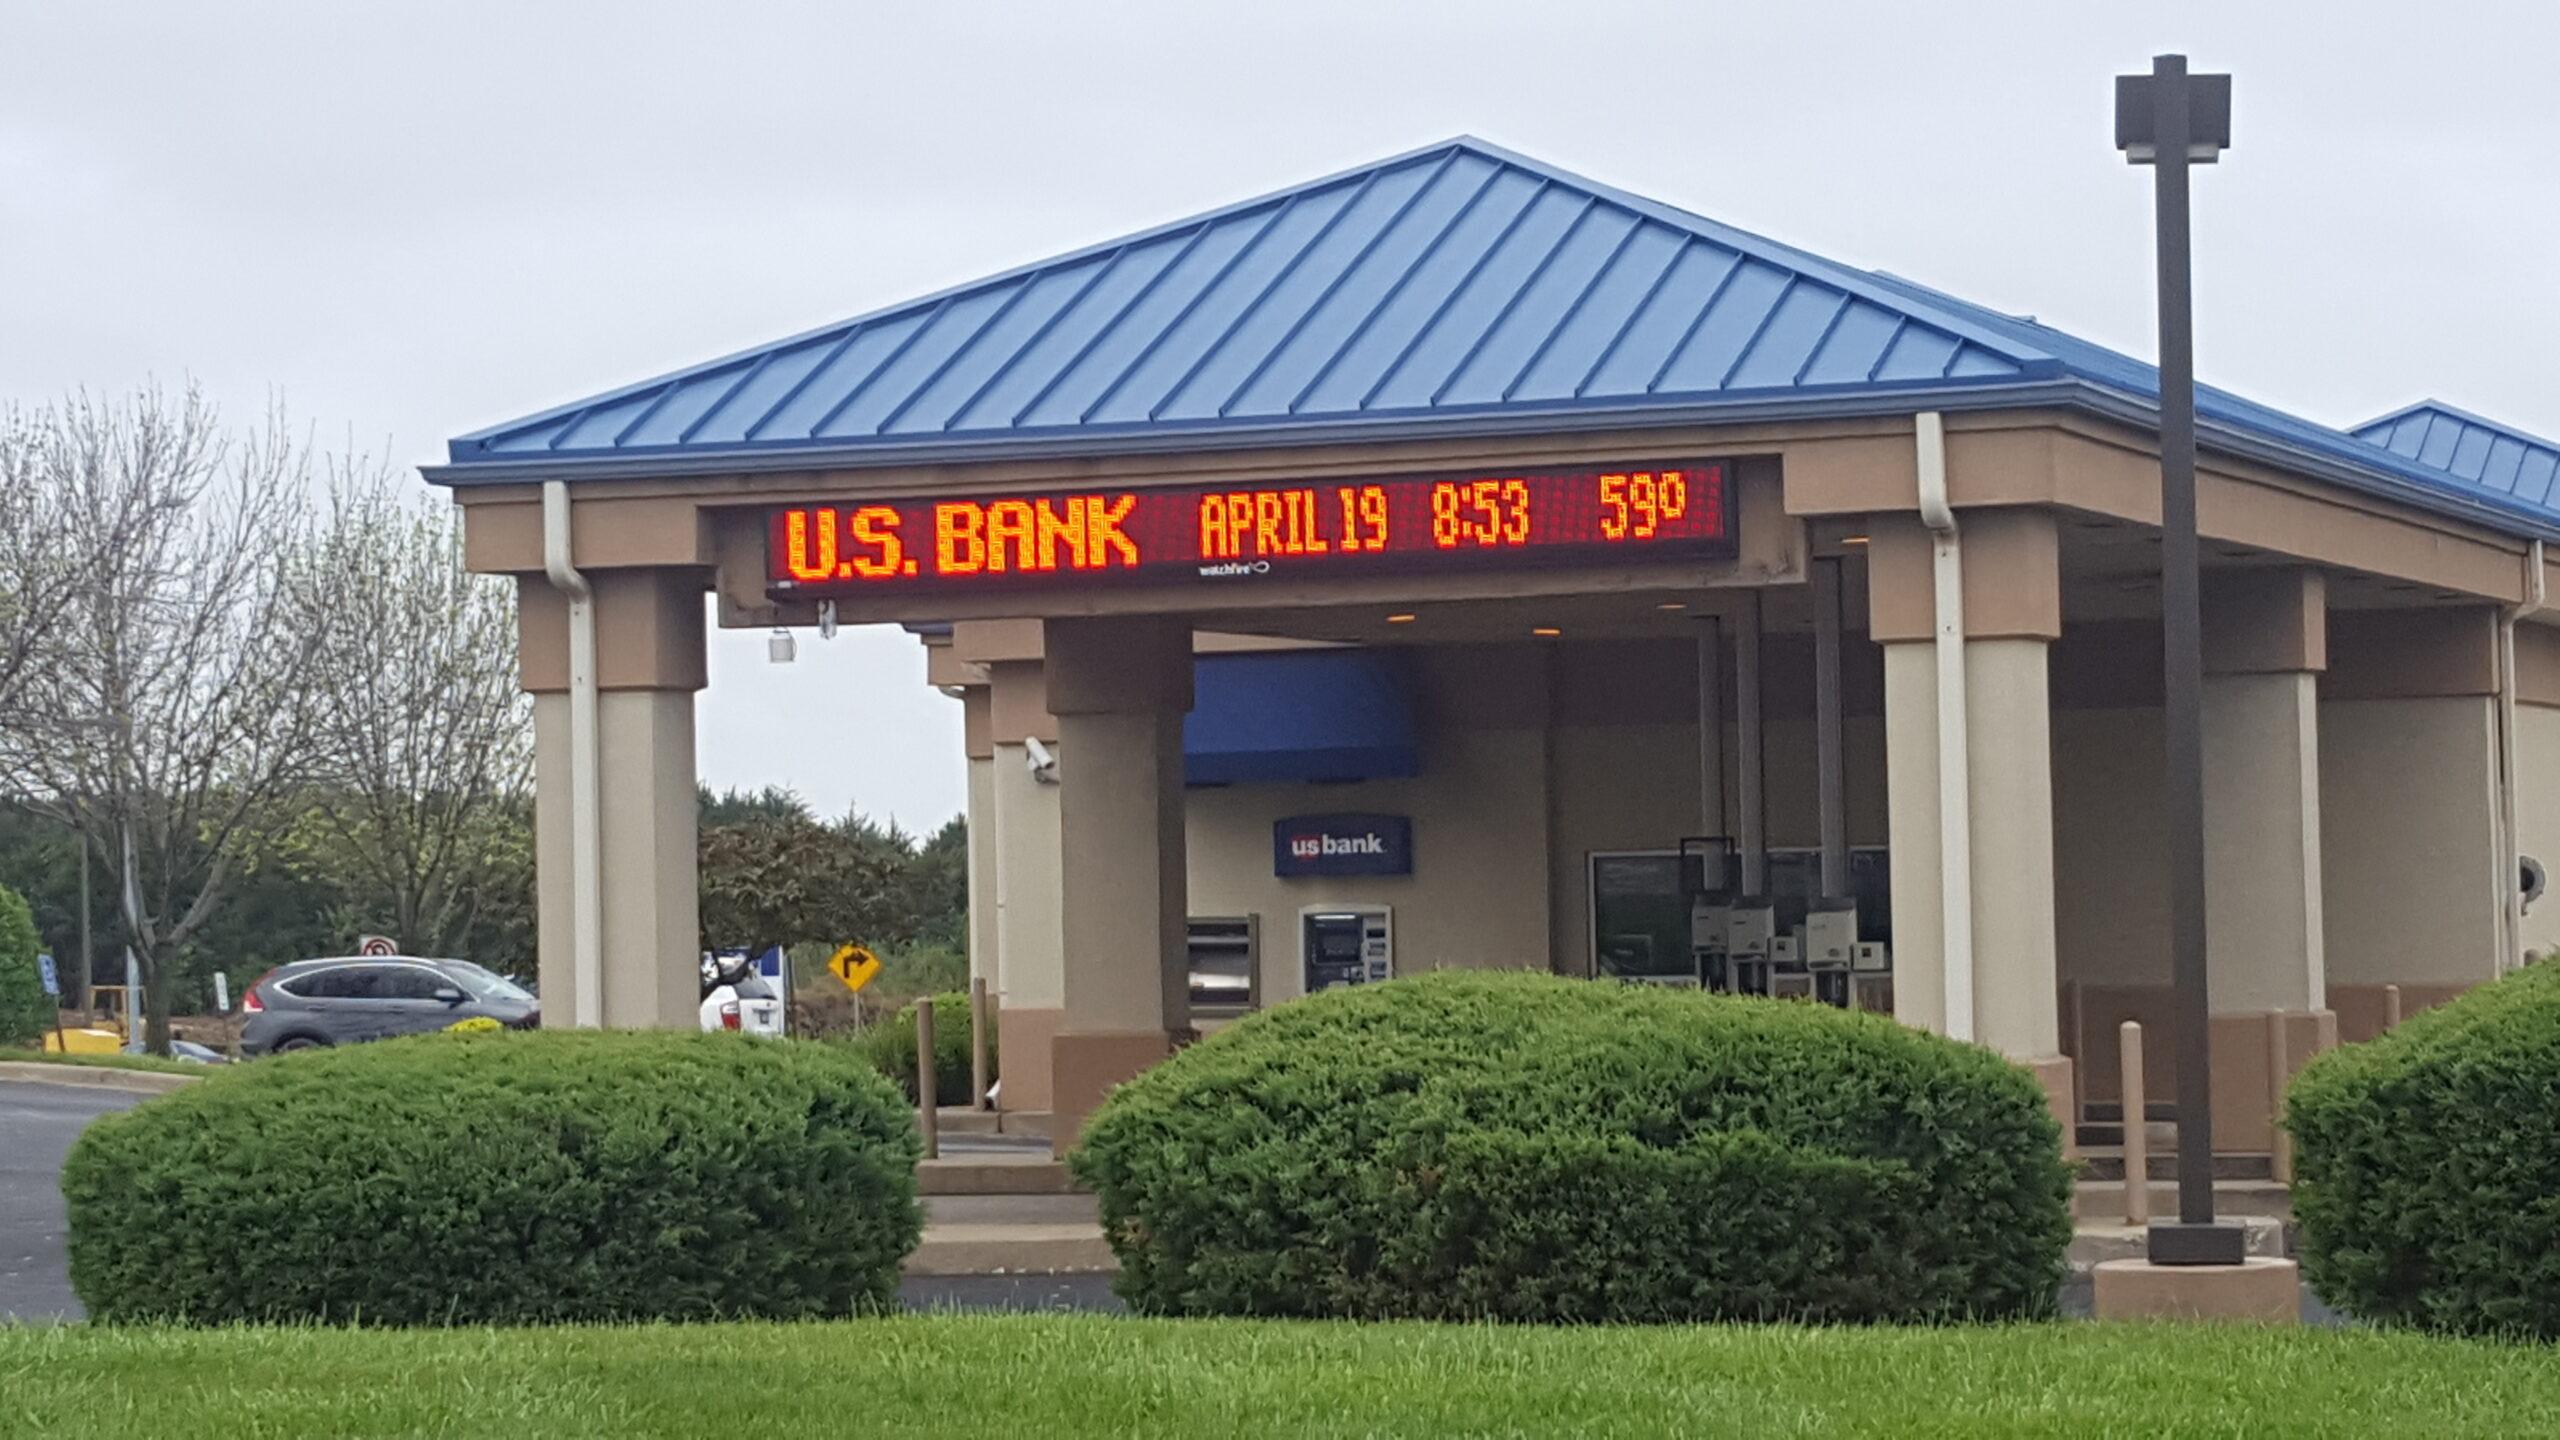 US Bank signage